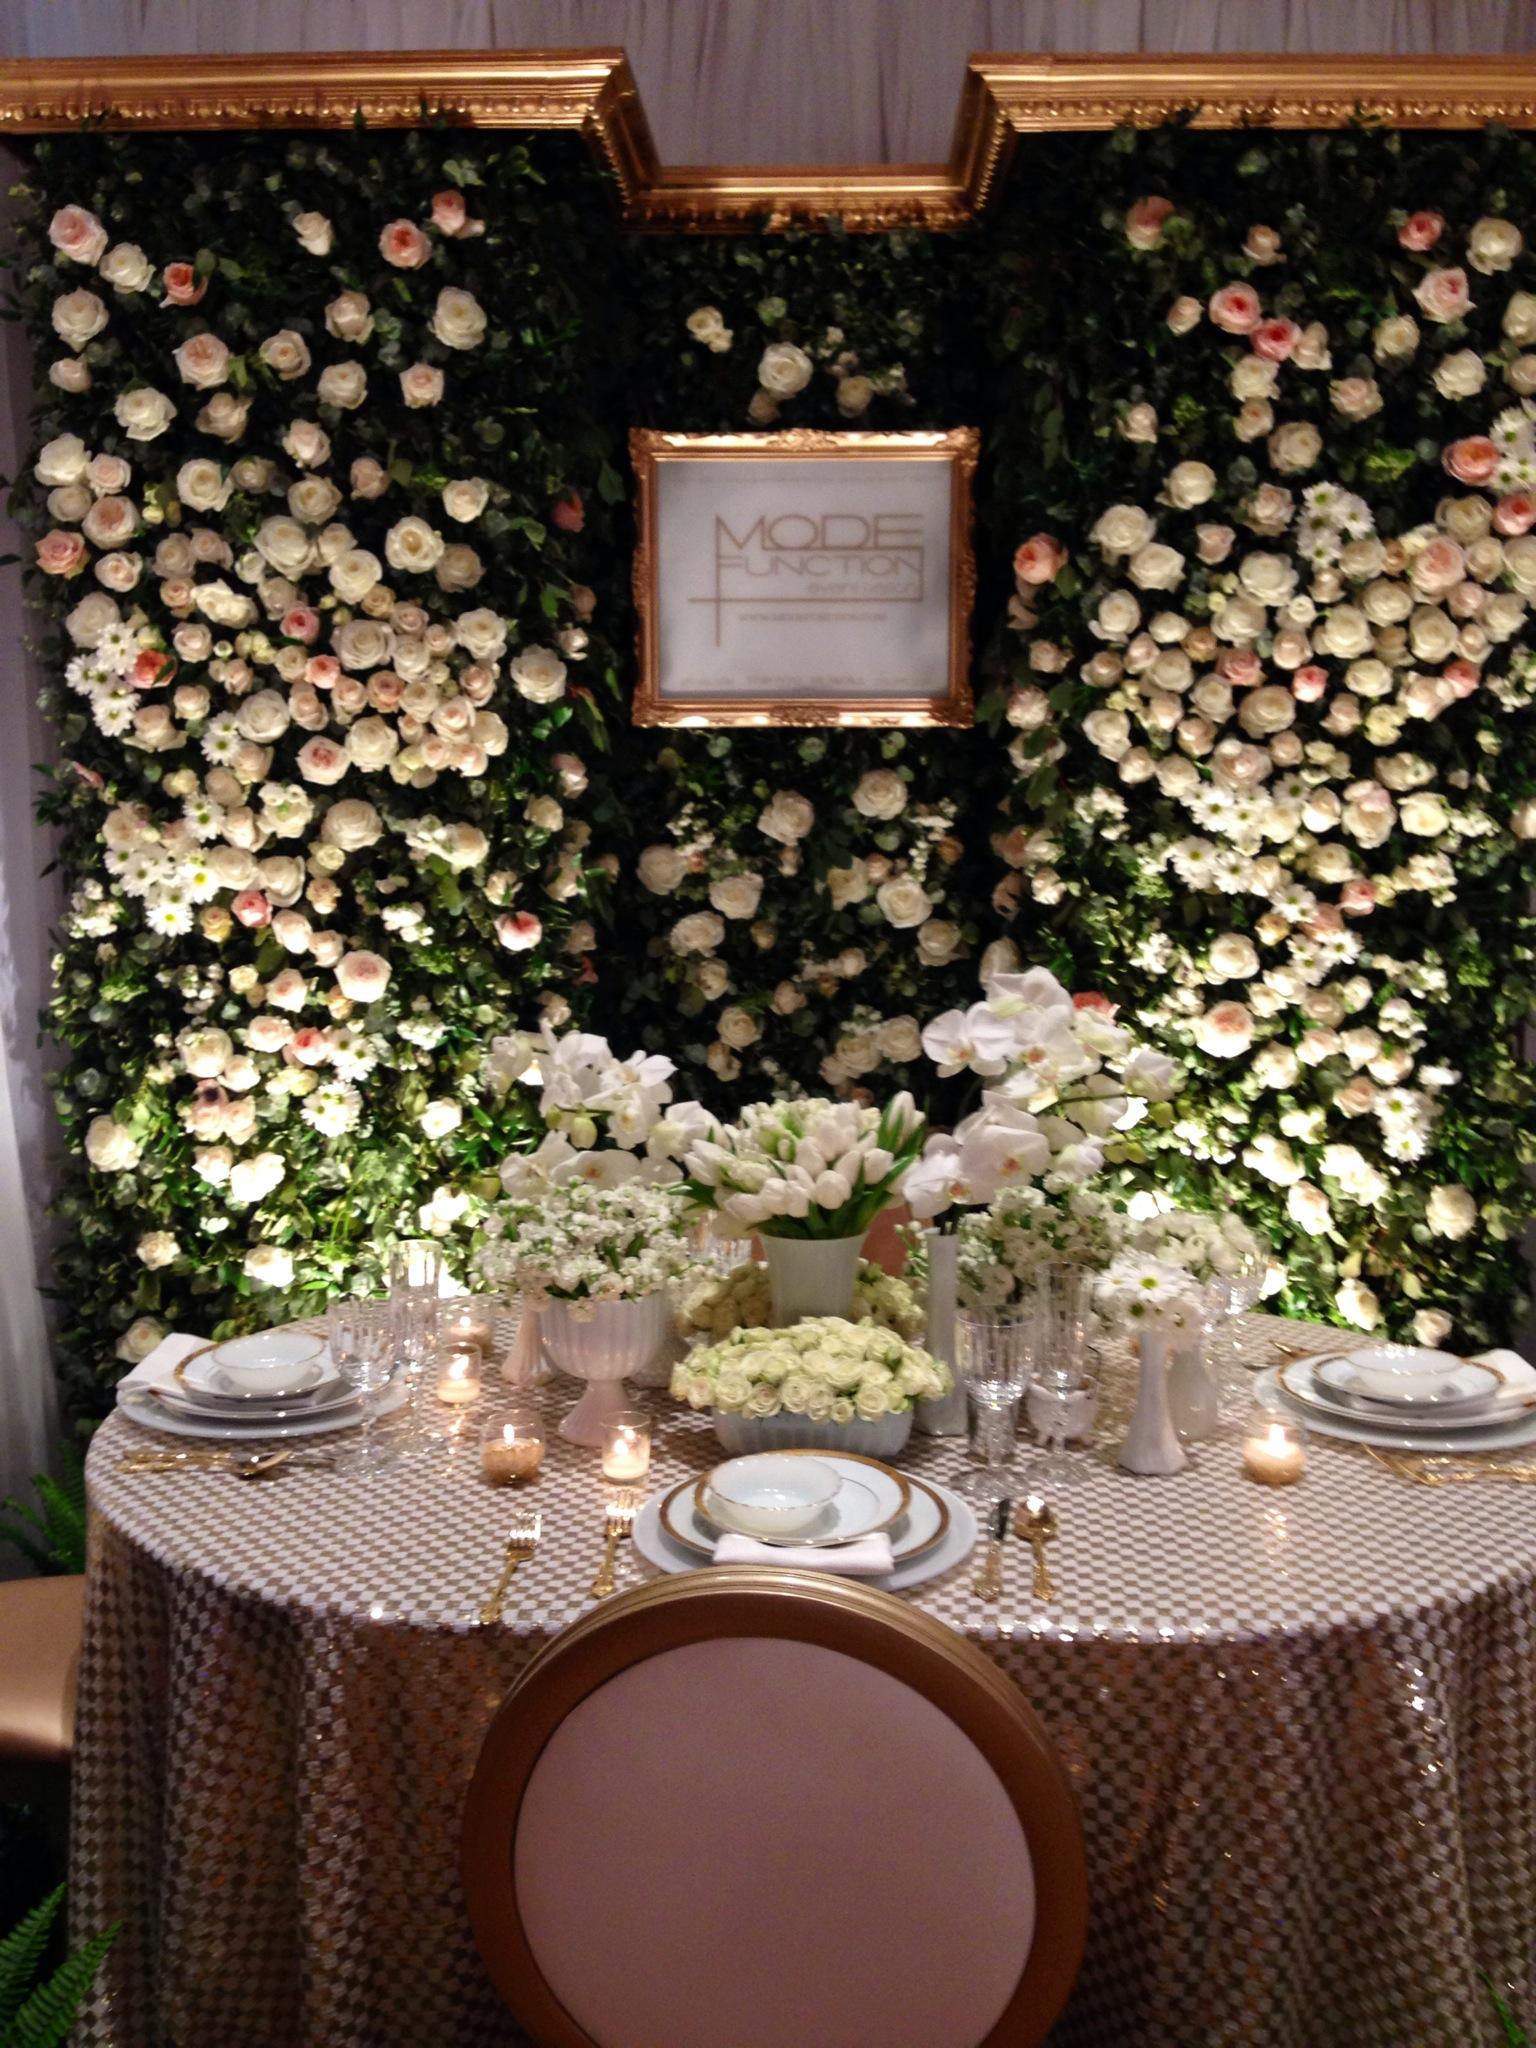 weddingflowers-modefunction-wedluxeshow-torontoweddingplanner